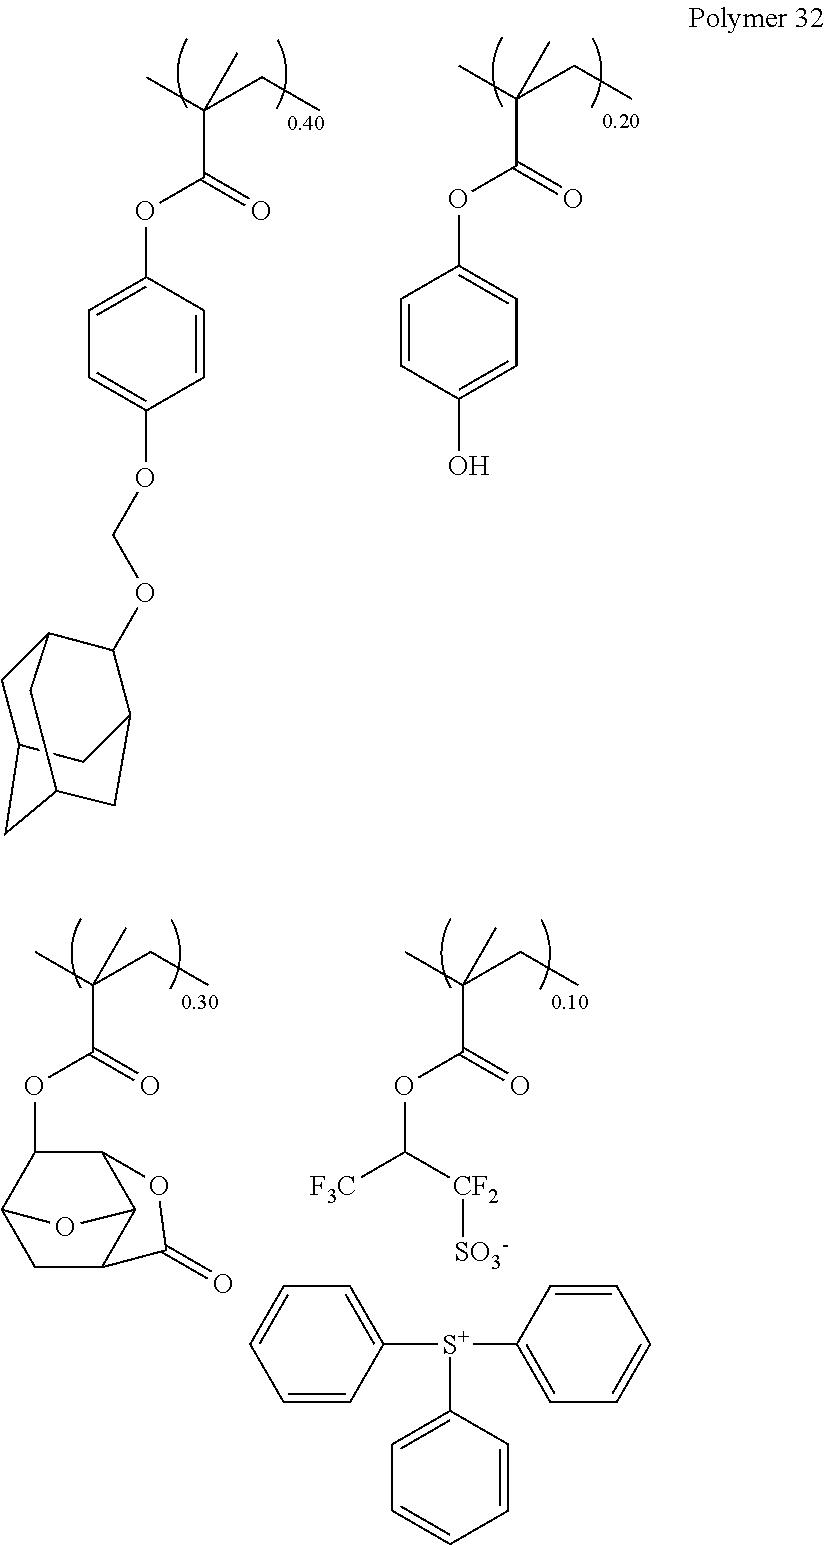 Figure US20110294070A1-20111201-C00103